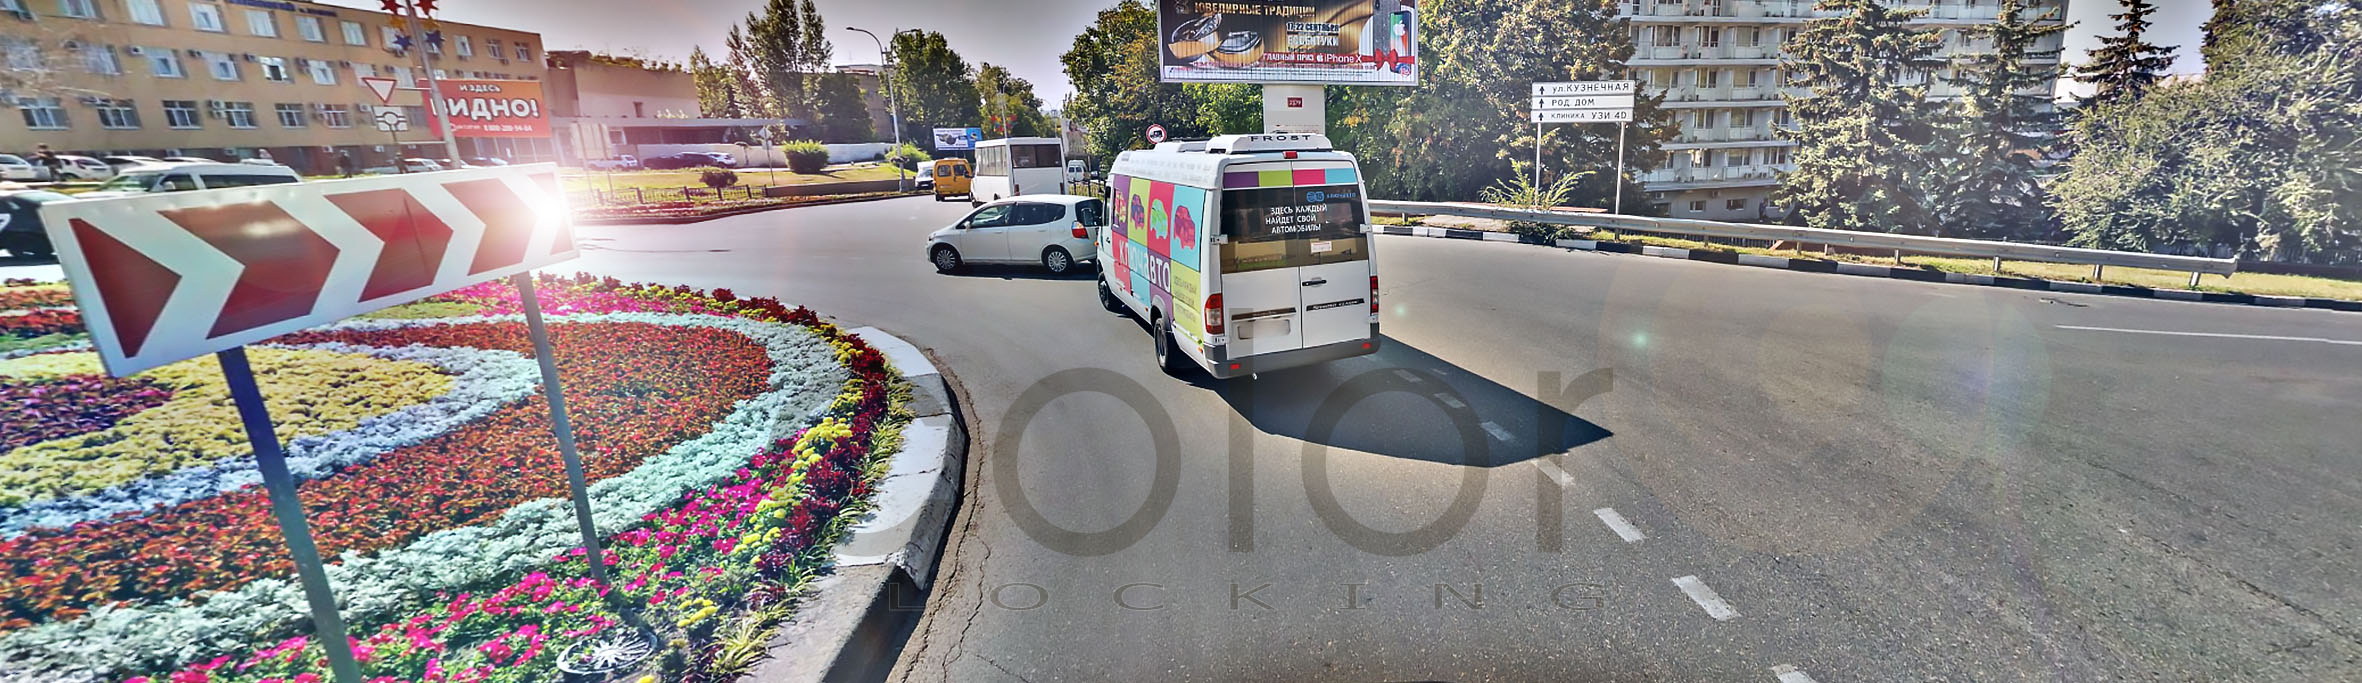 Реклама на транспорте в Кисловодске заказать